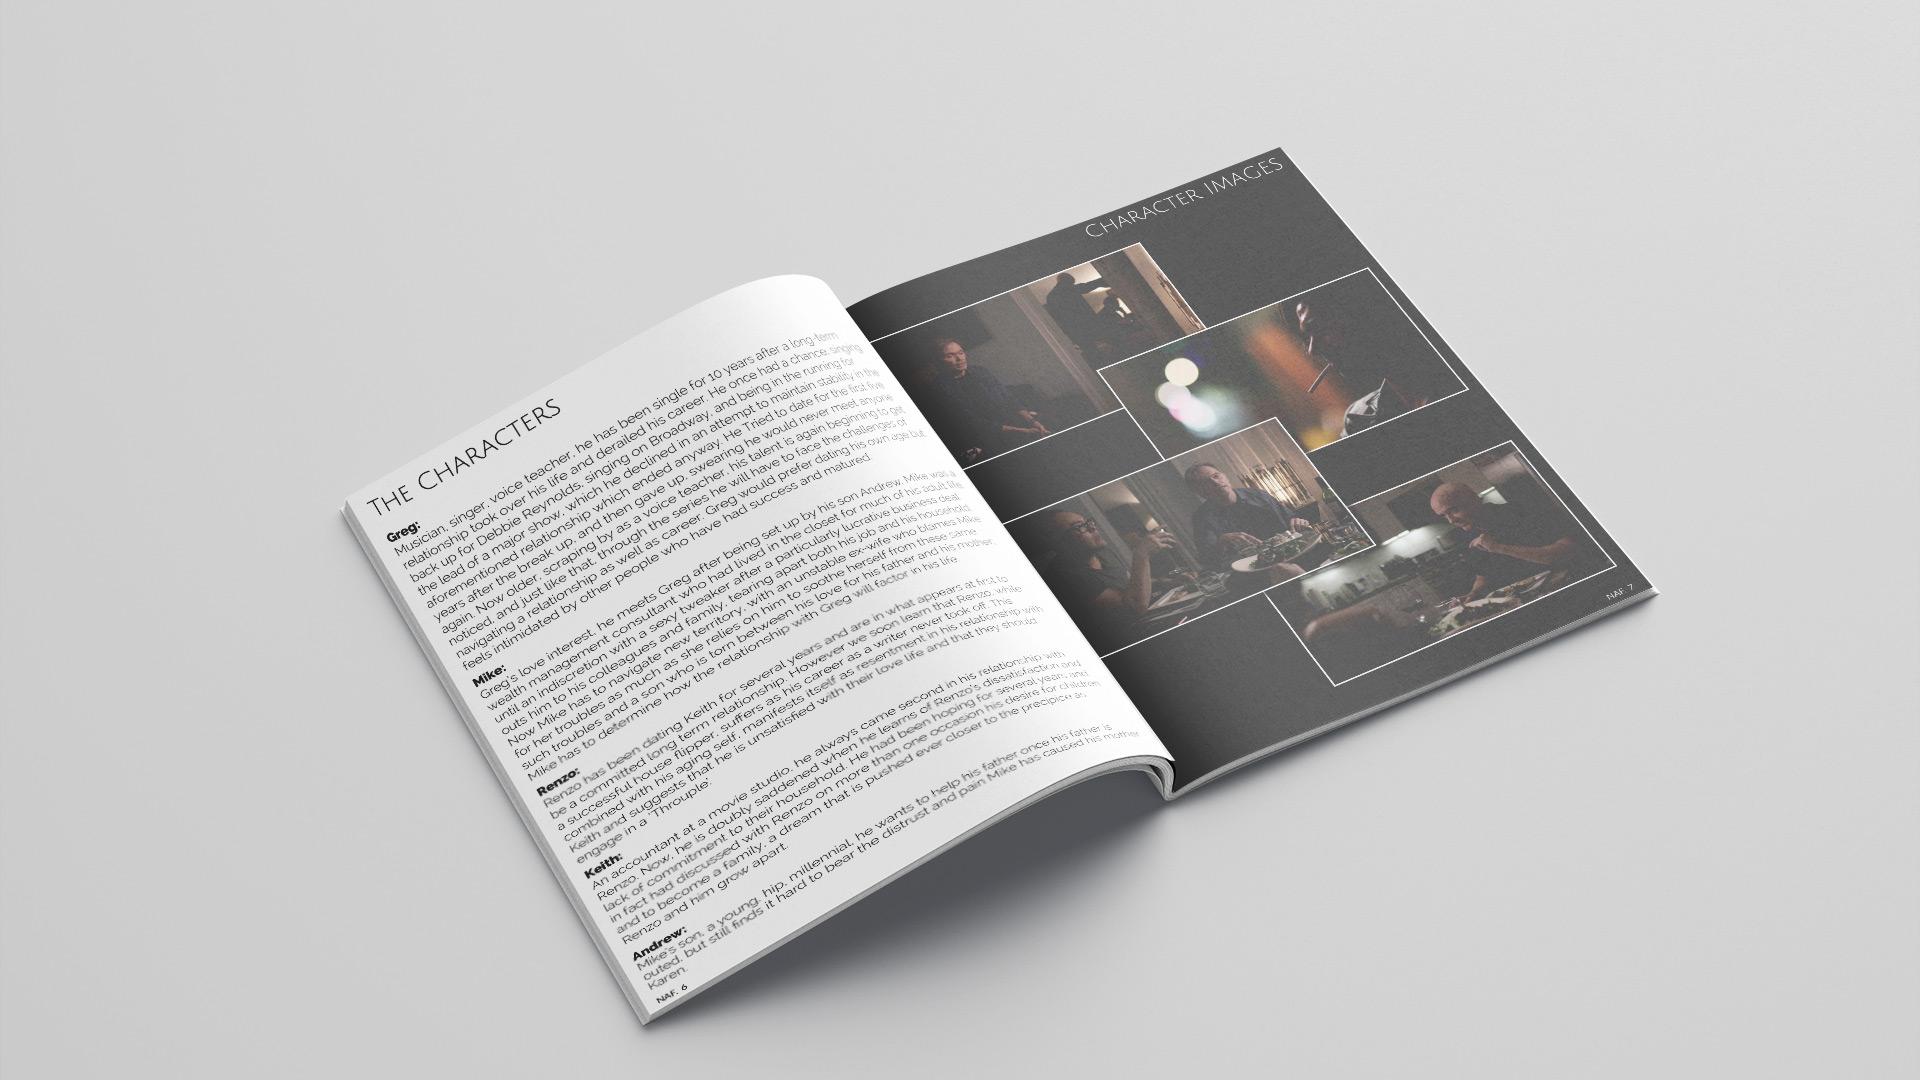 Fireball8 Design - Creative Services - Graphic + Print Design